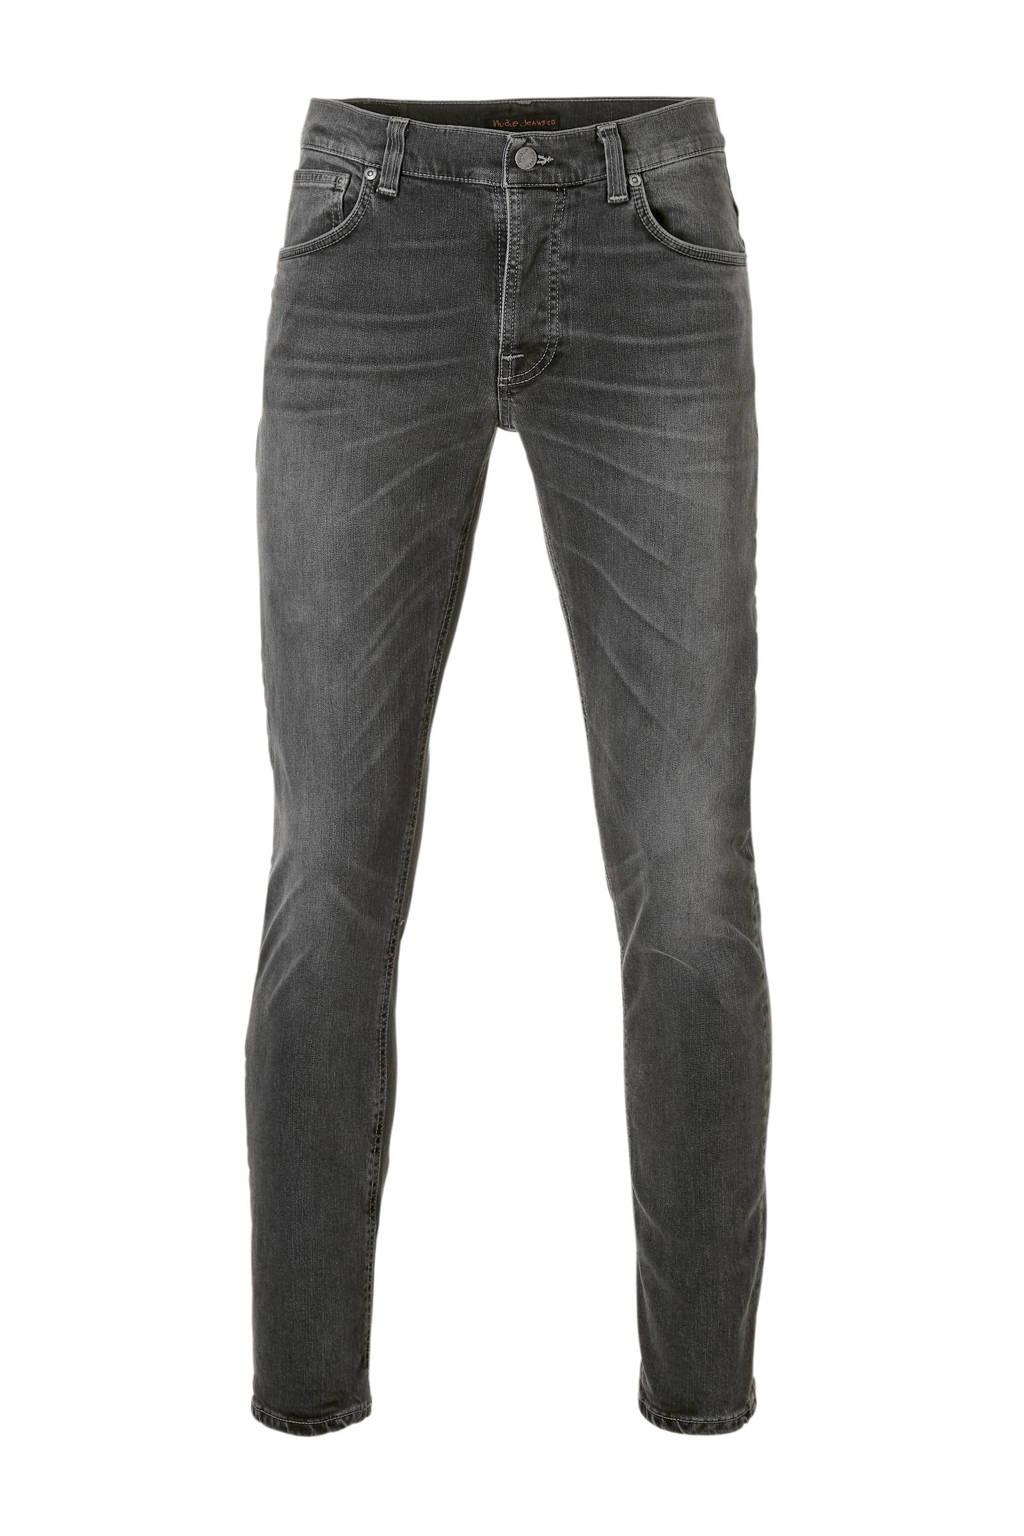 Nudie Jeans Grim Tim jeans, Grijs